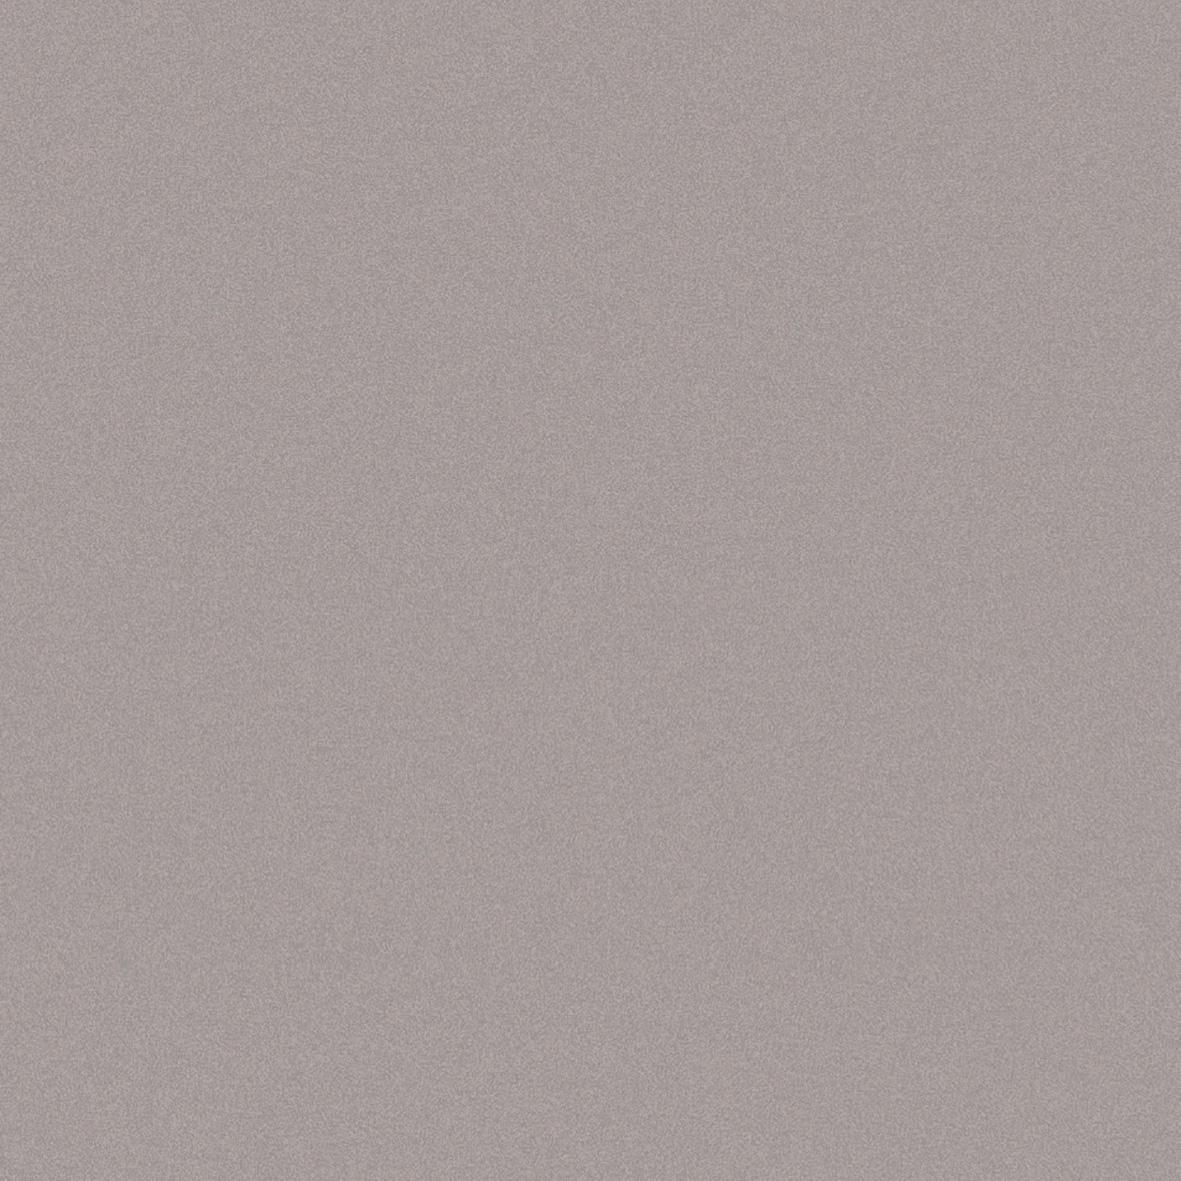 Zurfiz Ultramatt Metallic Basalt